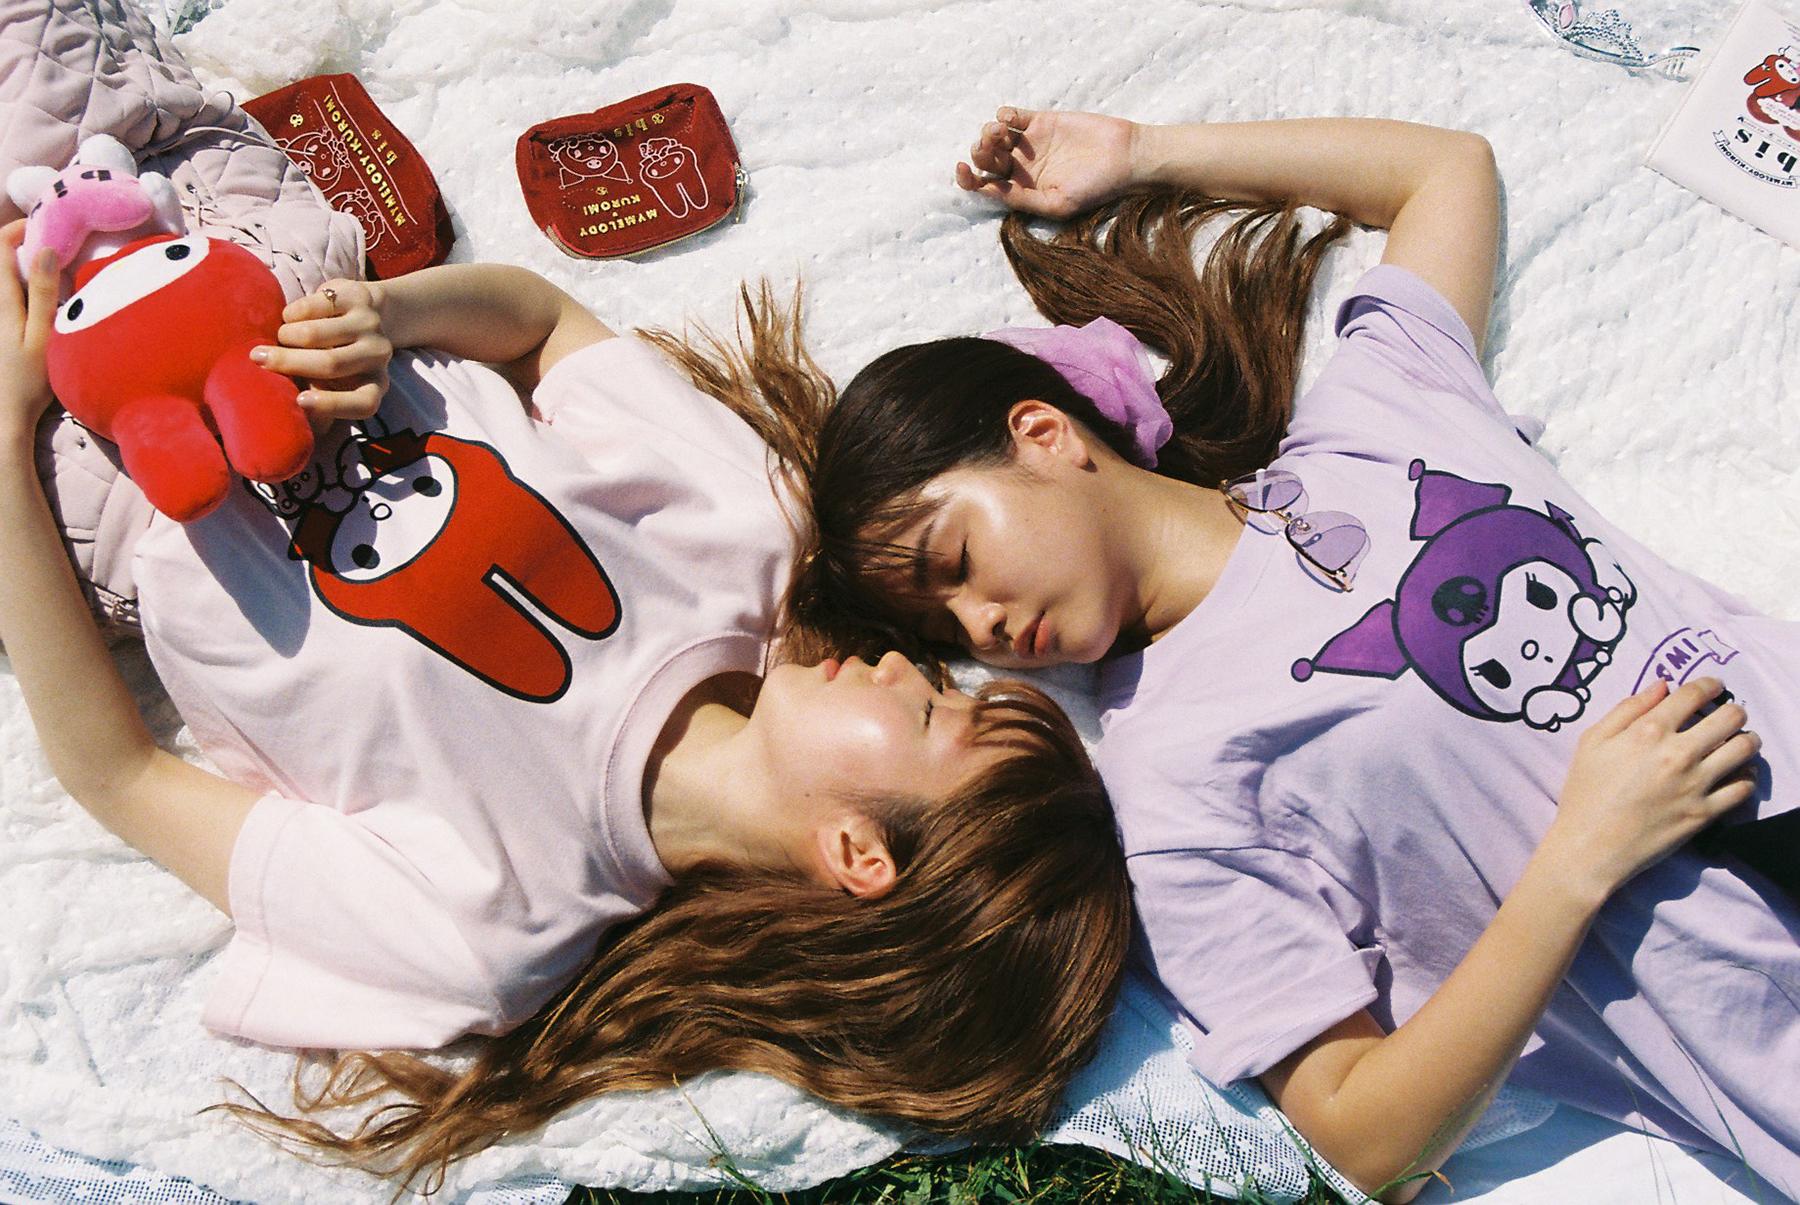 『サンリオ』レトロなマイメロ&クロミが可愛い!女性ファッション誌「bis」とコラボした34アイテムが販売決定